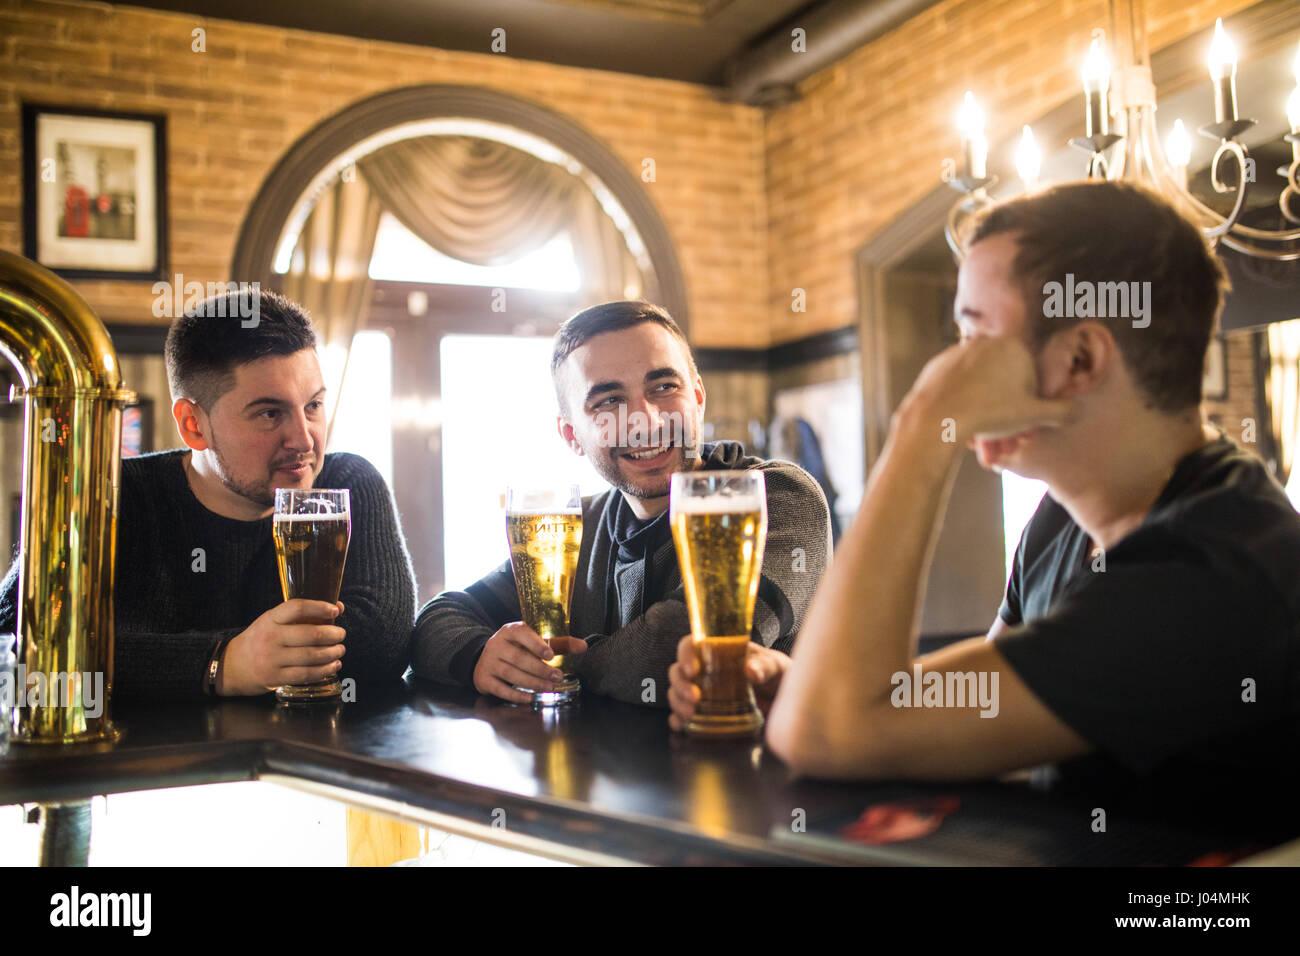 Fröhlich, alte Freunde, Spaß und trinken Bier vom Fass am Tresen im Pub. Stockbild